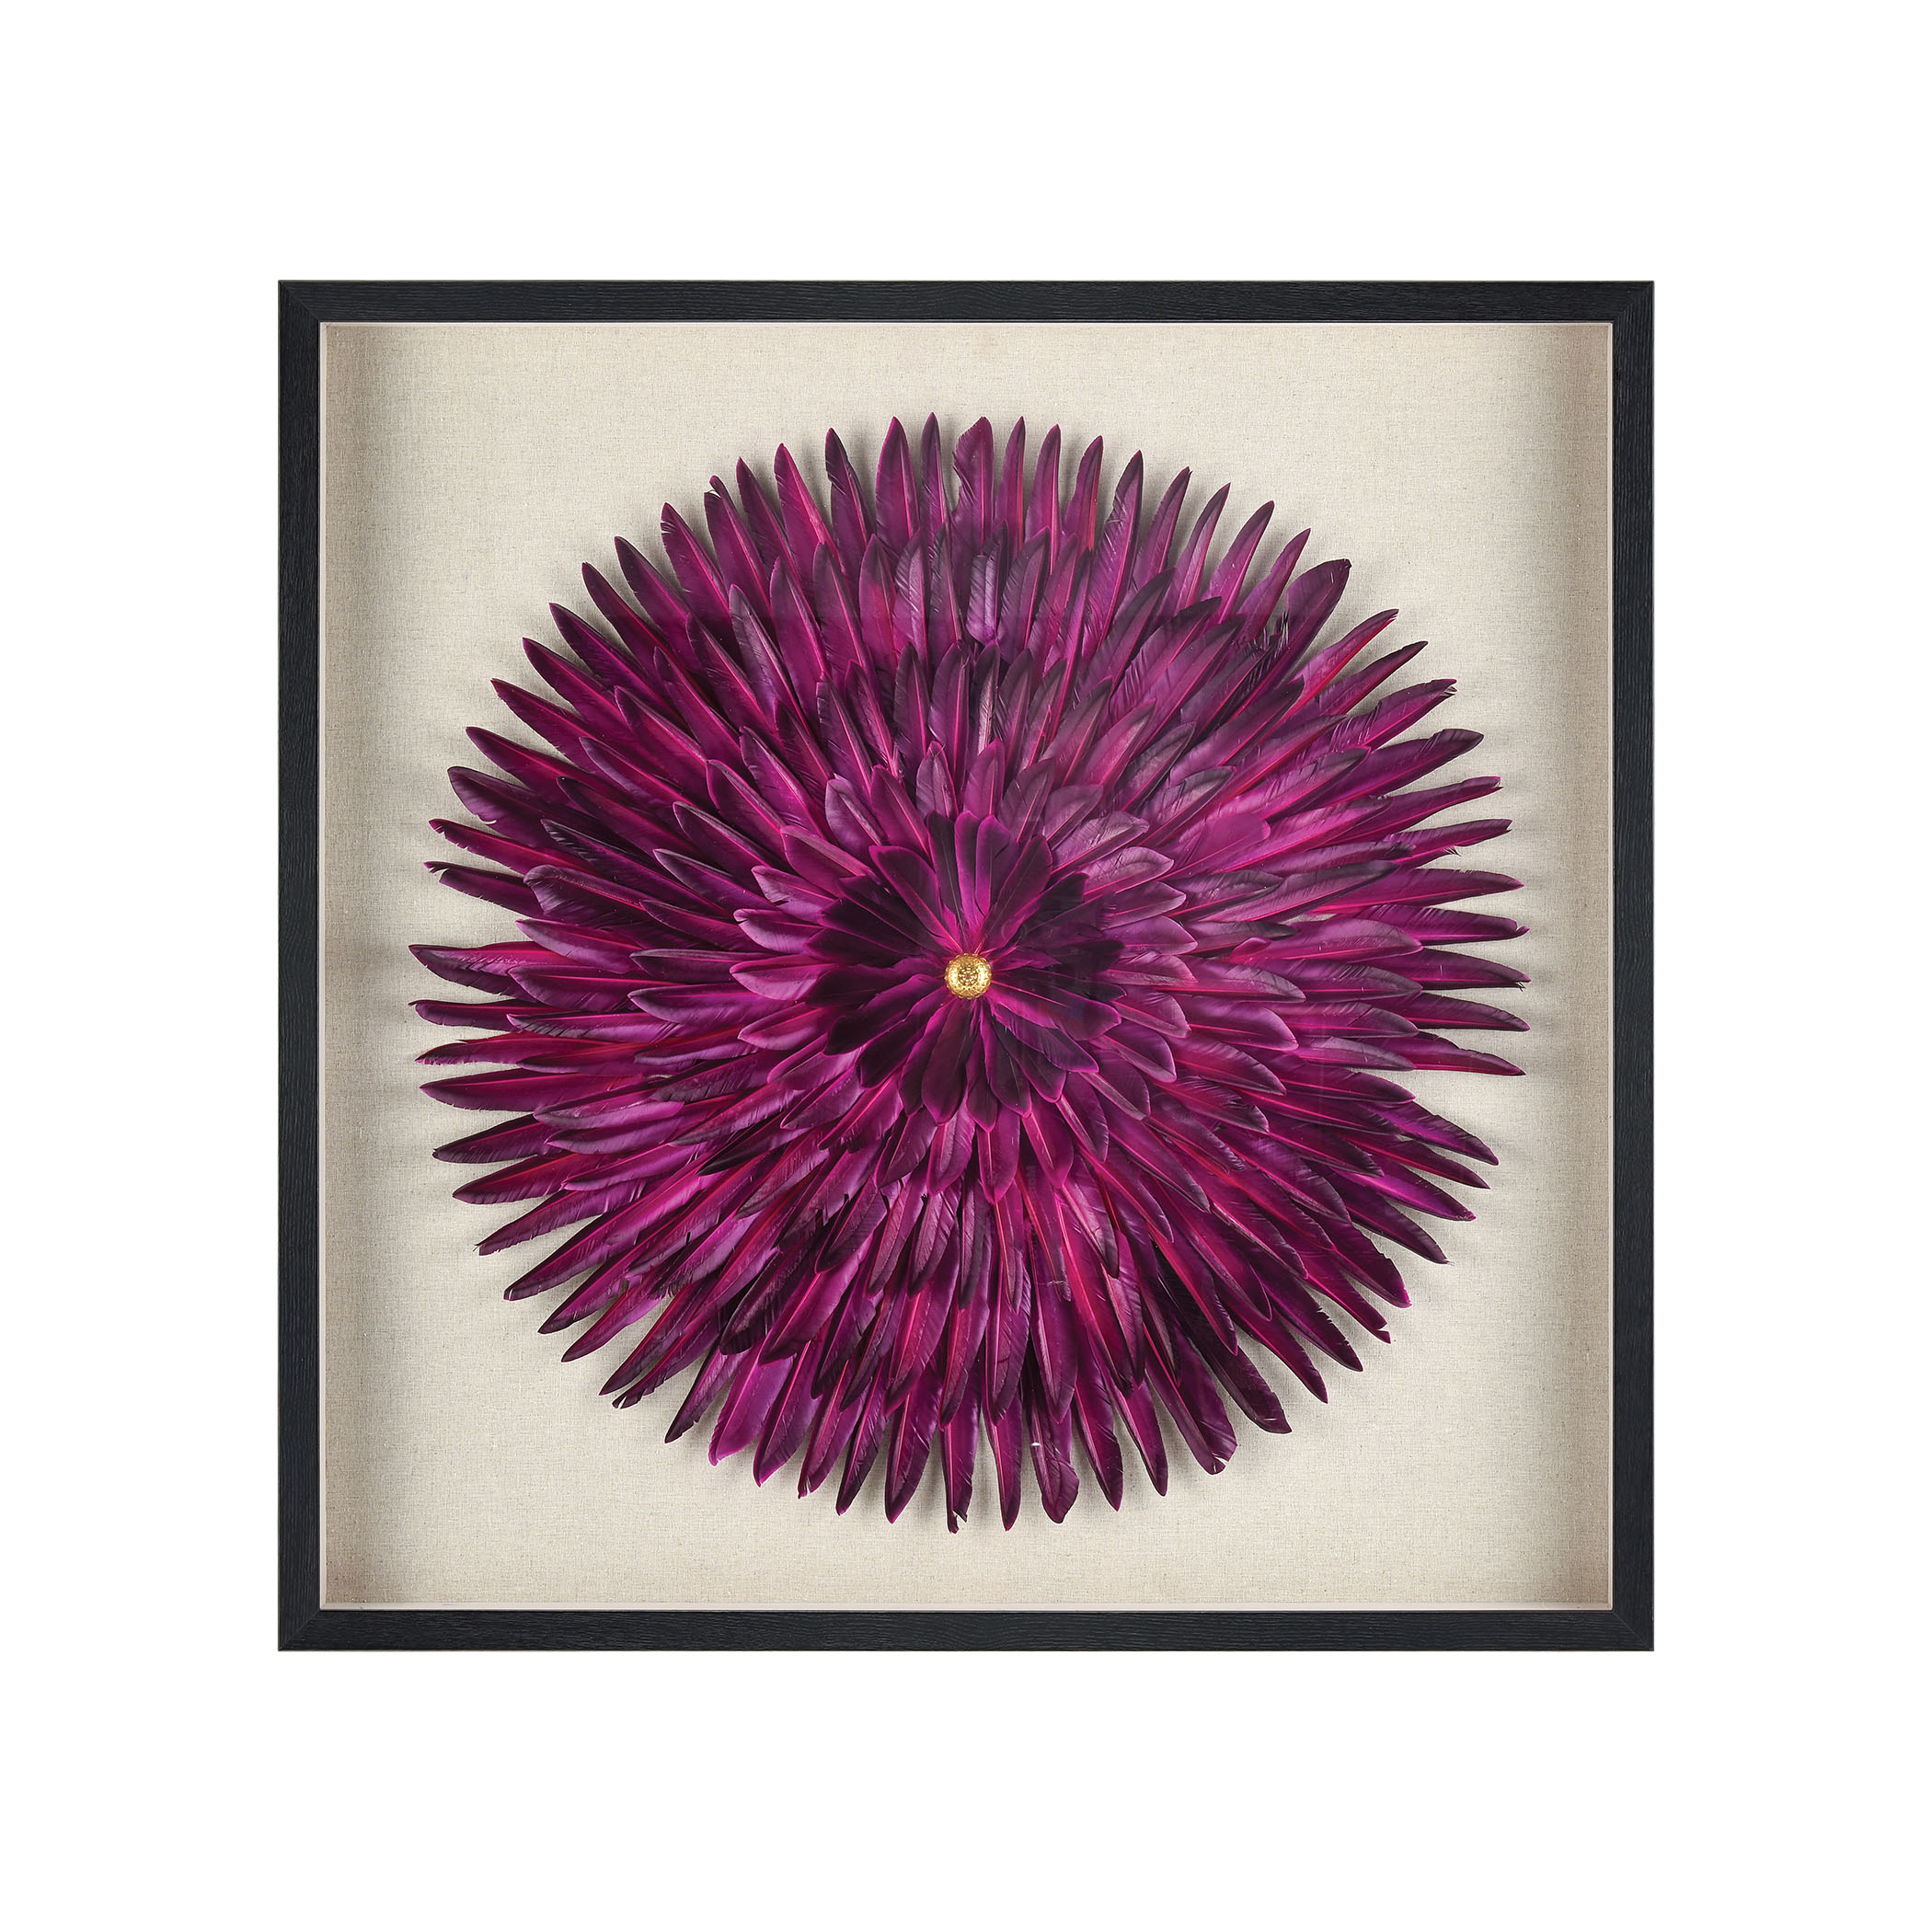 Violet Delights Wall Art | Elk Home